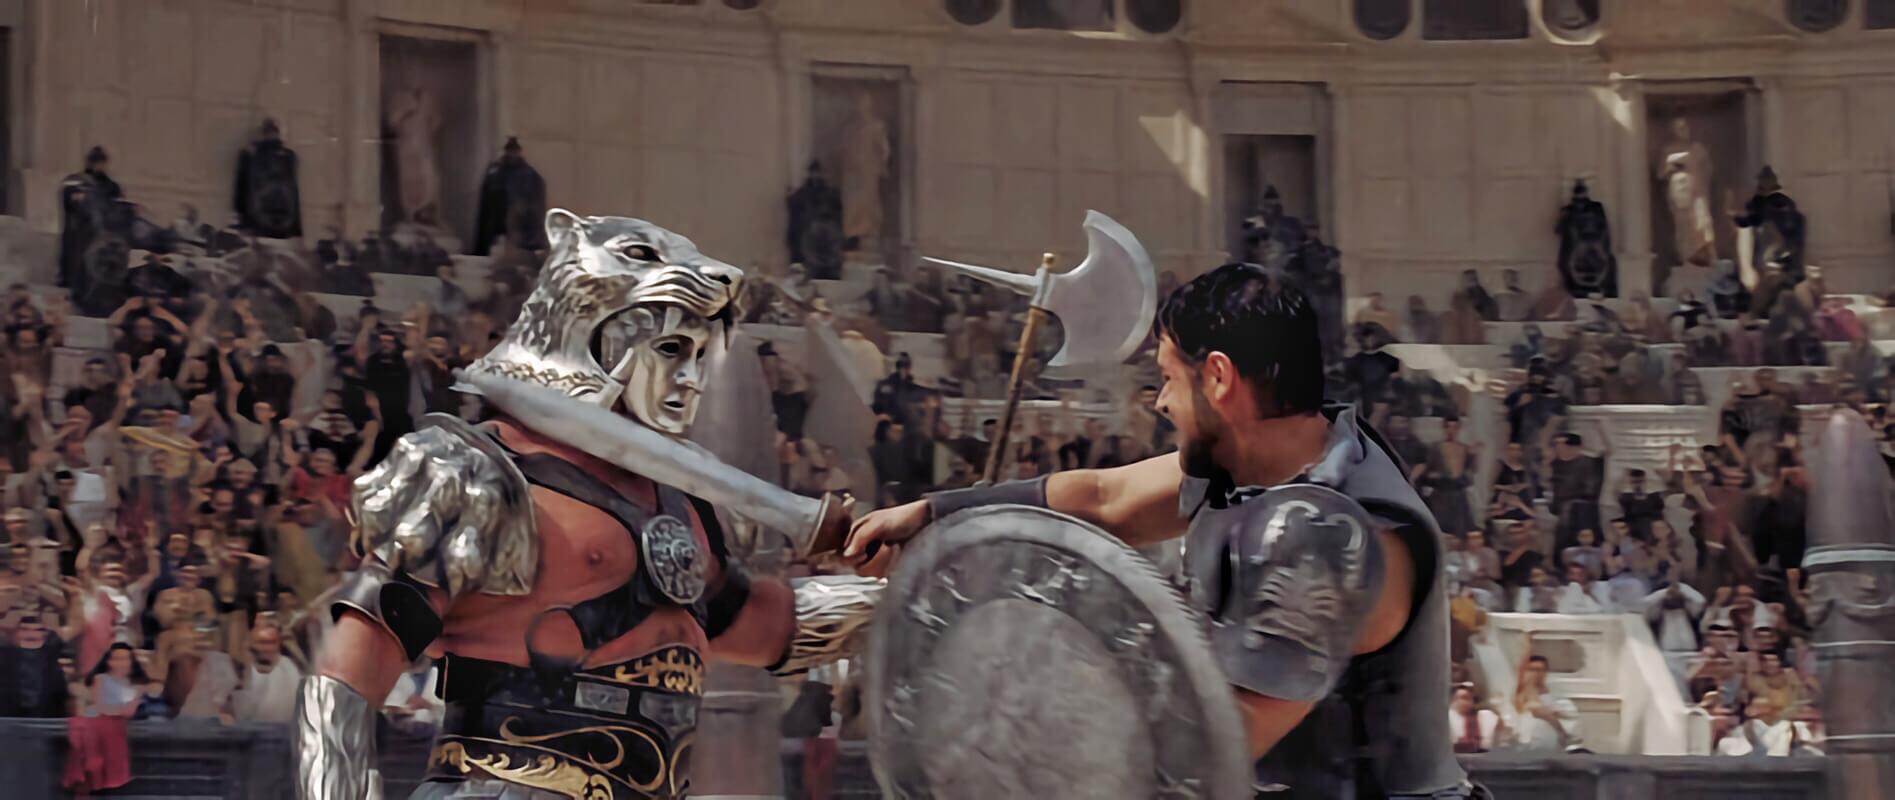 gladiatorostern1.jpg